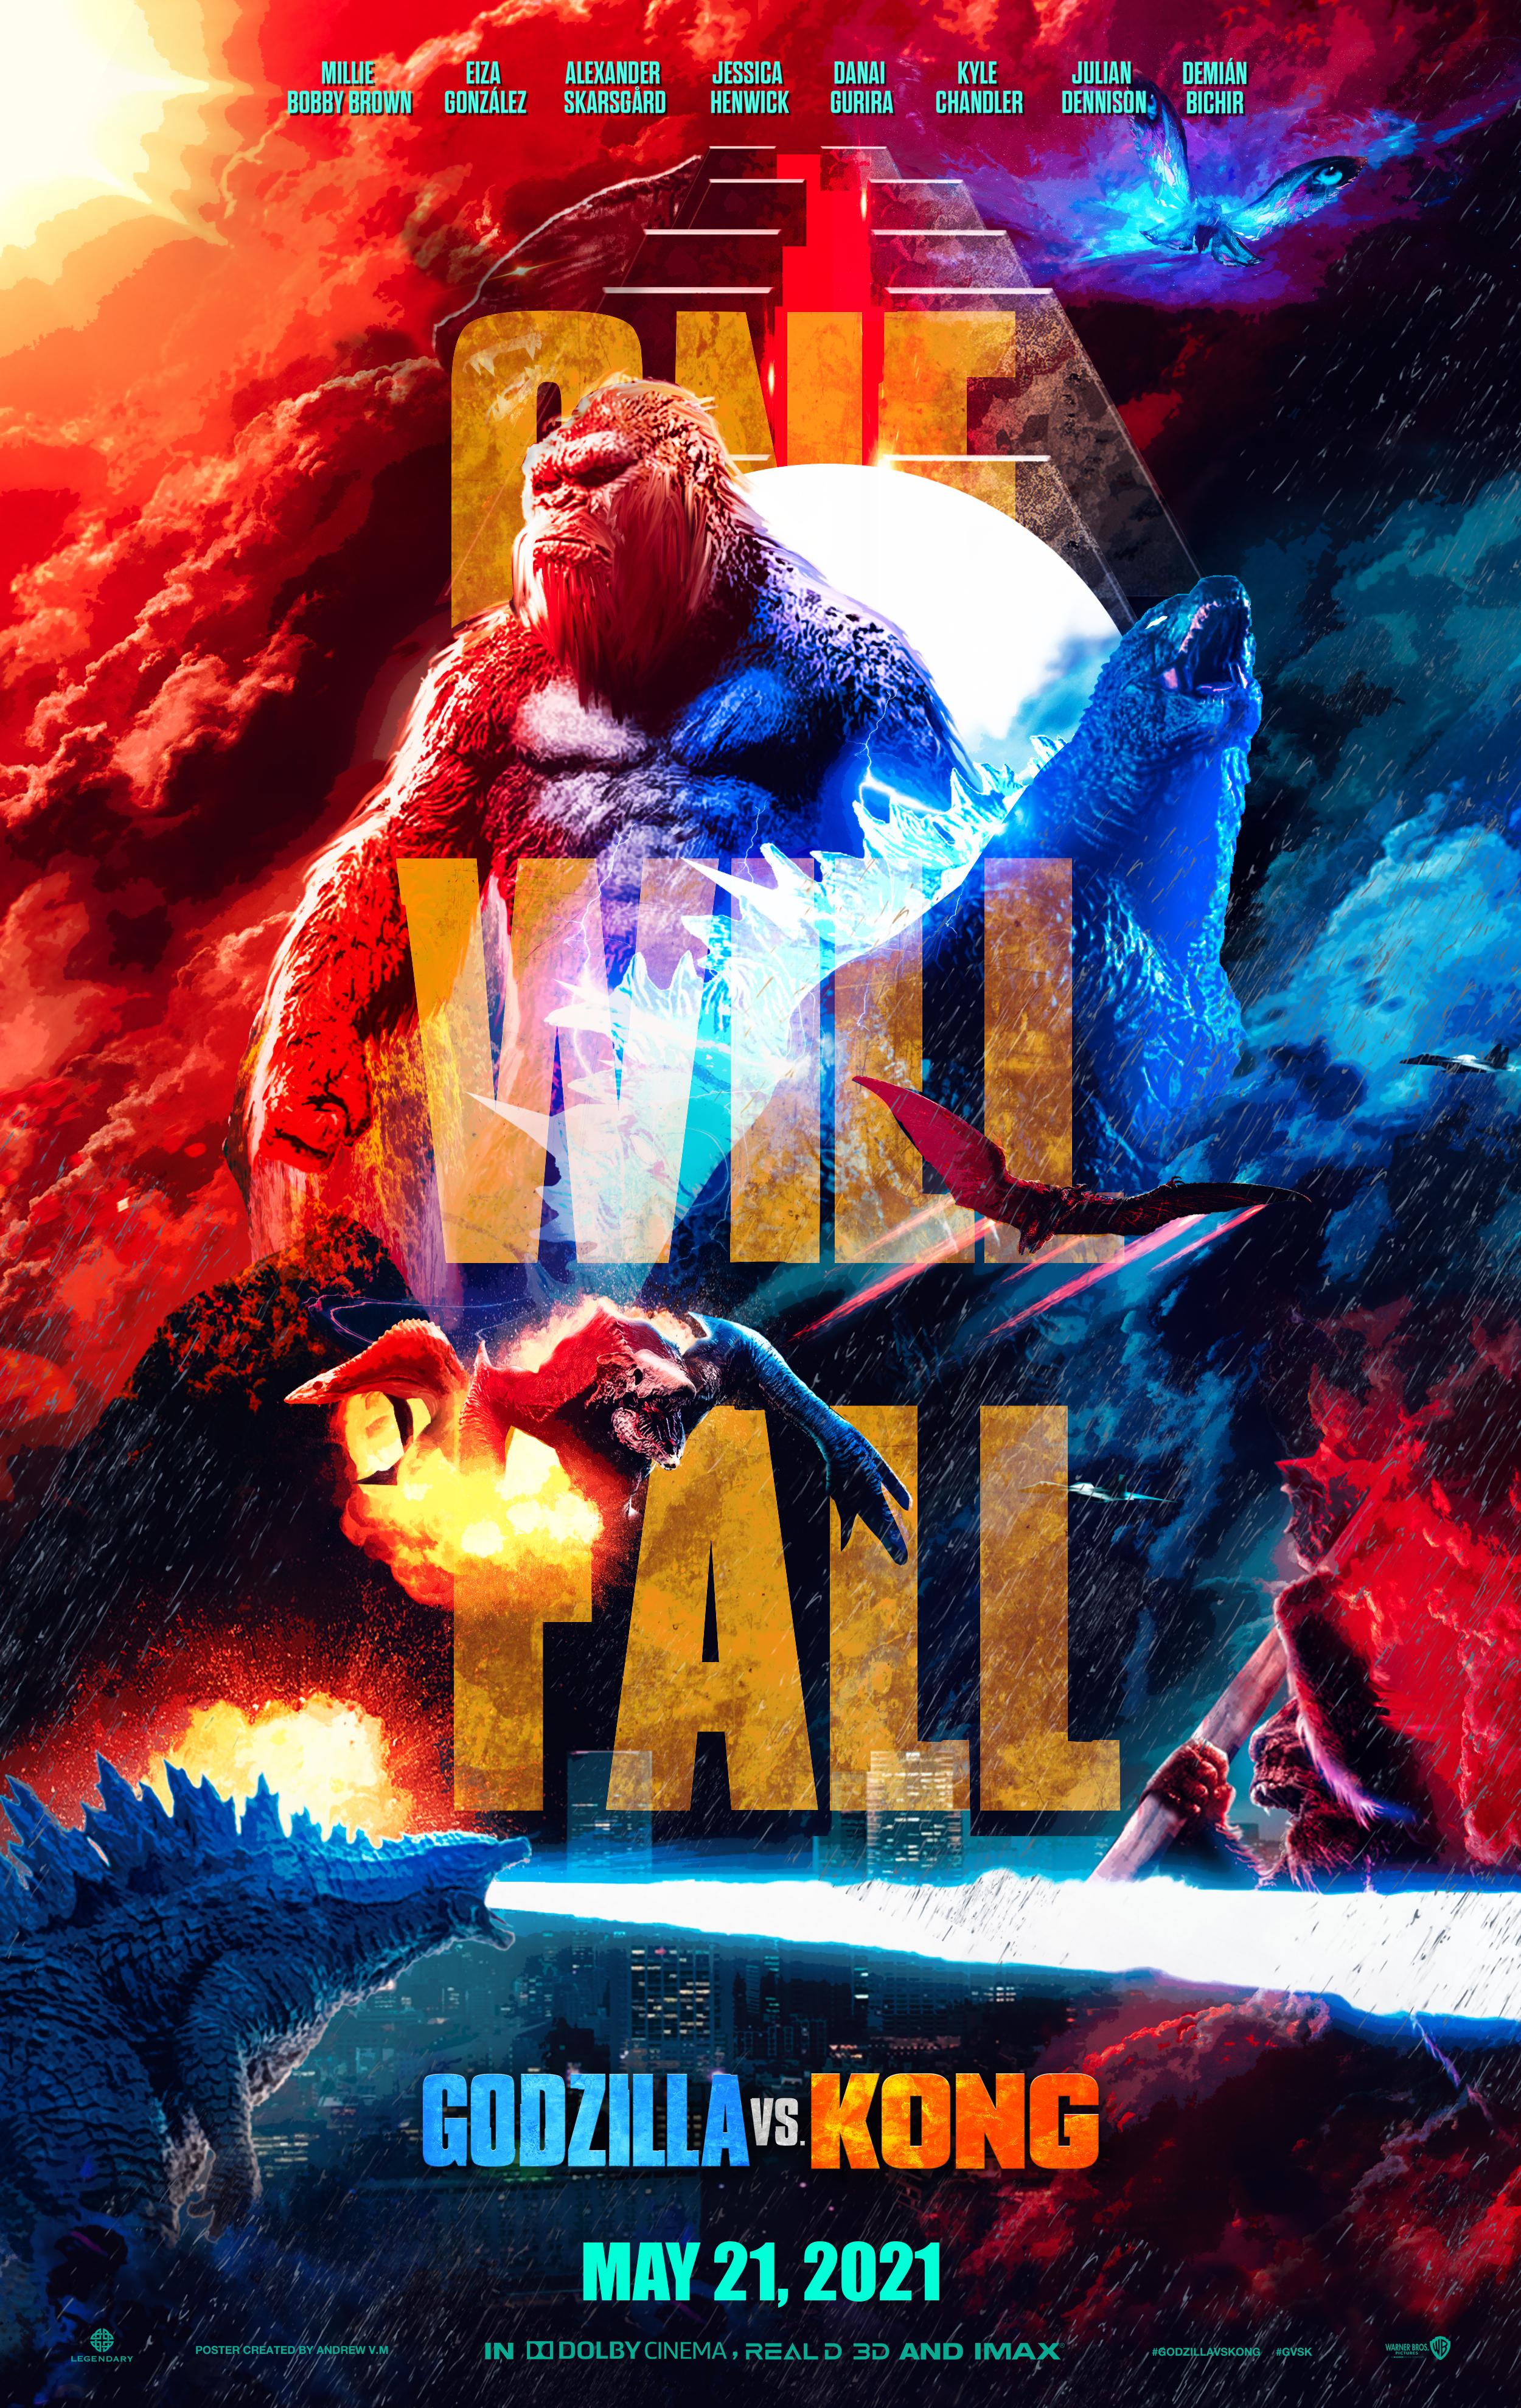 Godzilla Vs Kong Poster All By Andrewvm On Deviantart